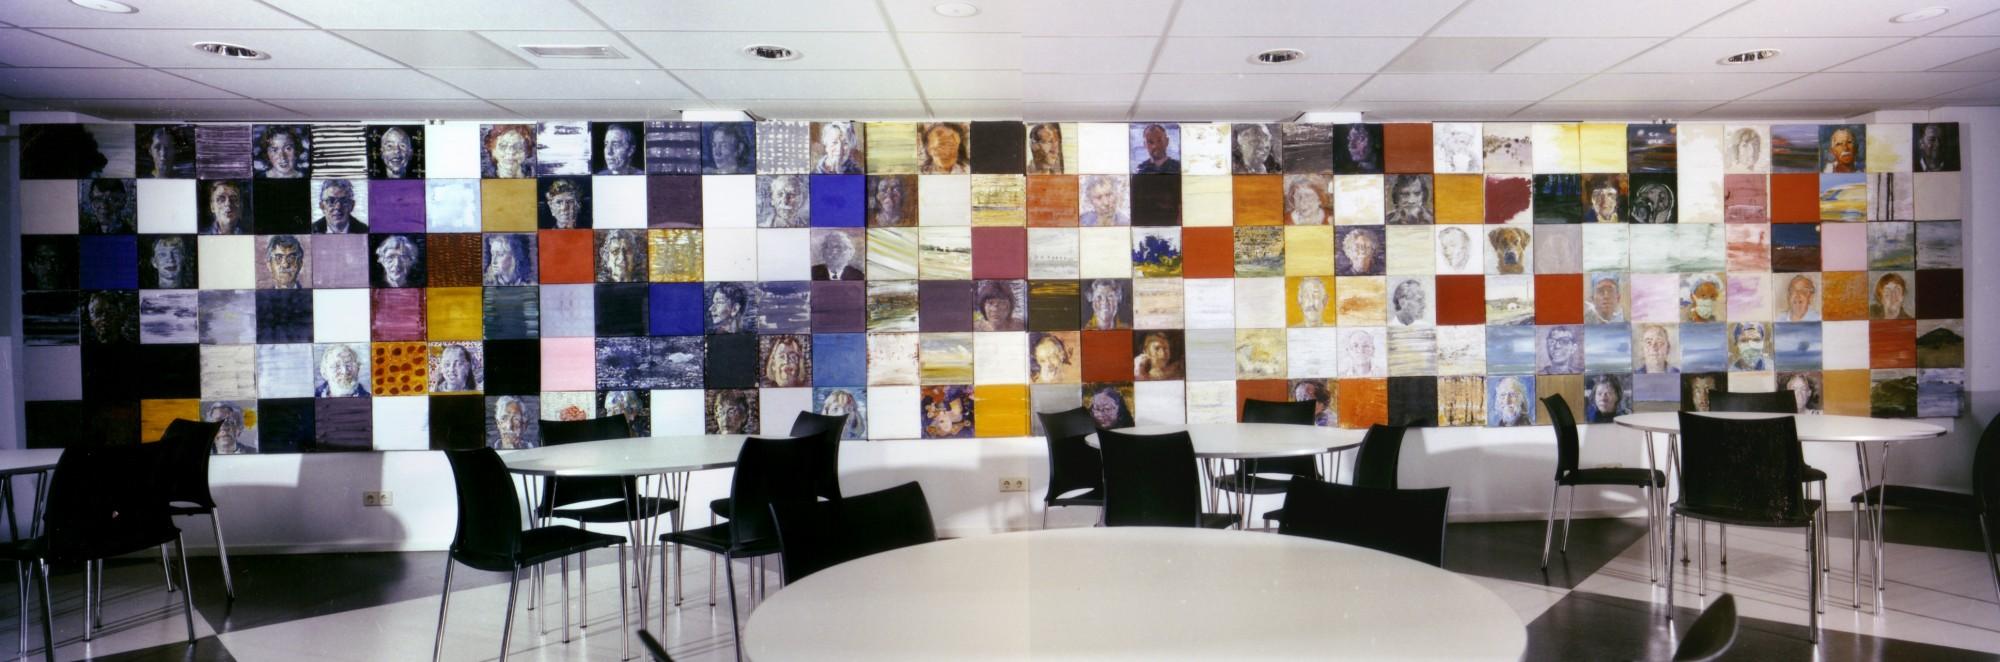 Portrettenproject, 1998-tot heden, olieverf,180 x 1500